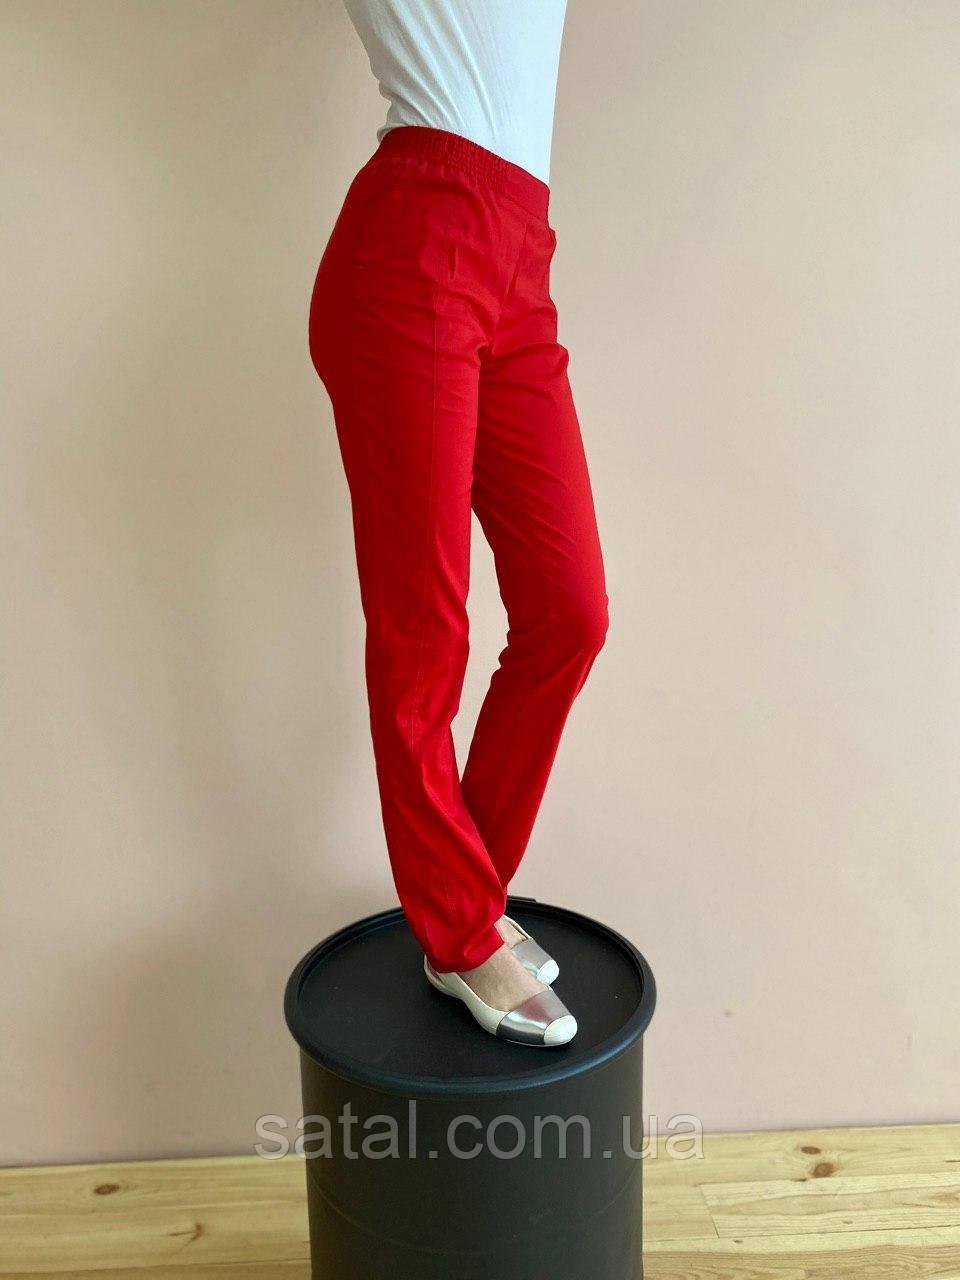 Штаны медицинские Слимс. Красный. Стрейч легкий. Саталь